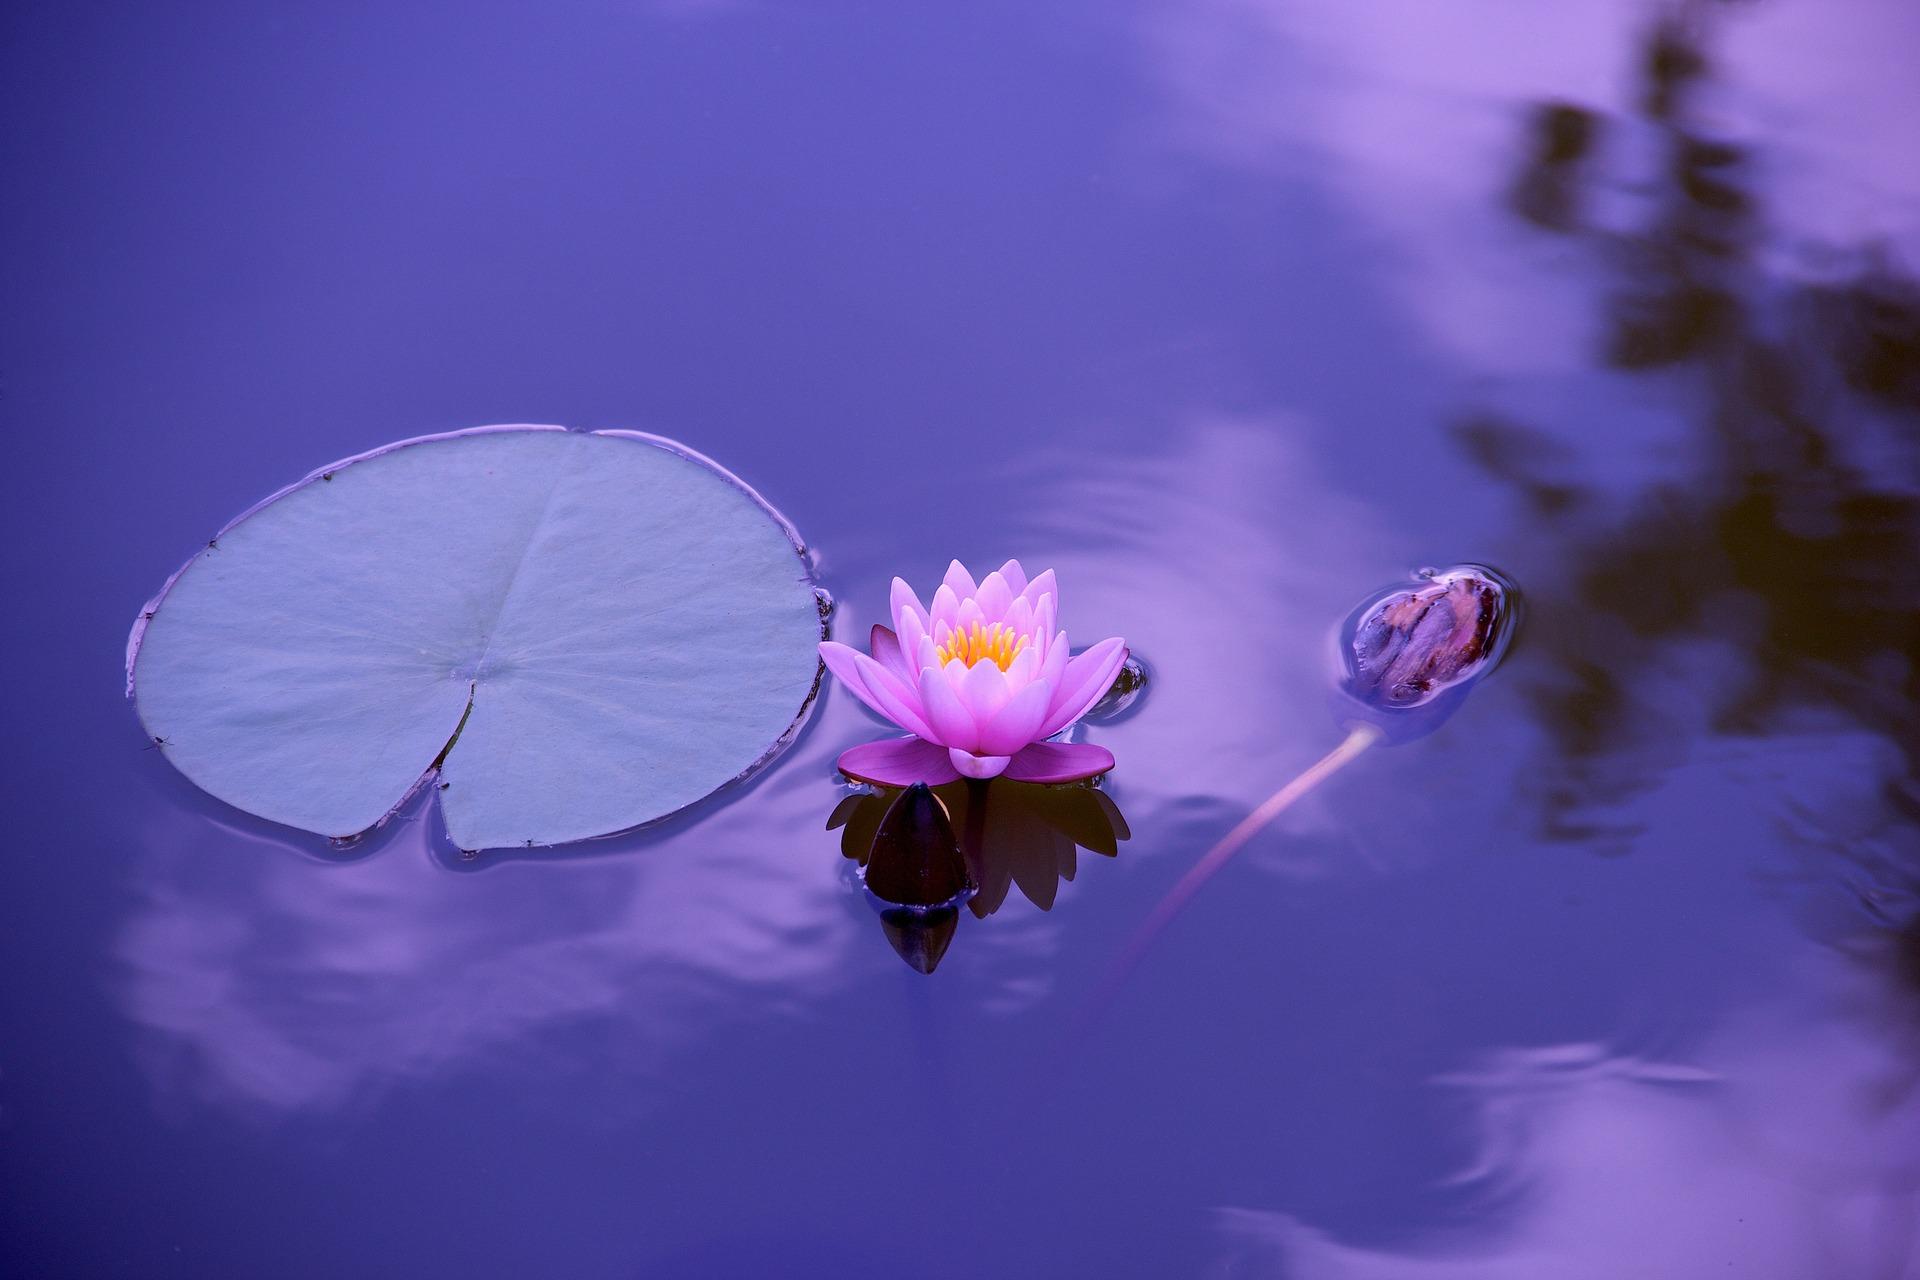 fleur de lotus violette.jpg